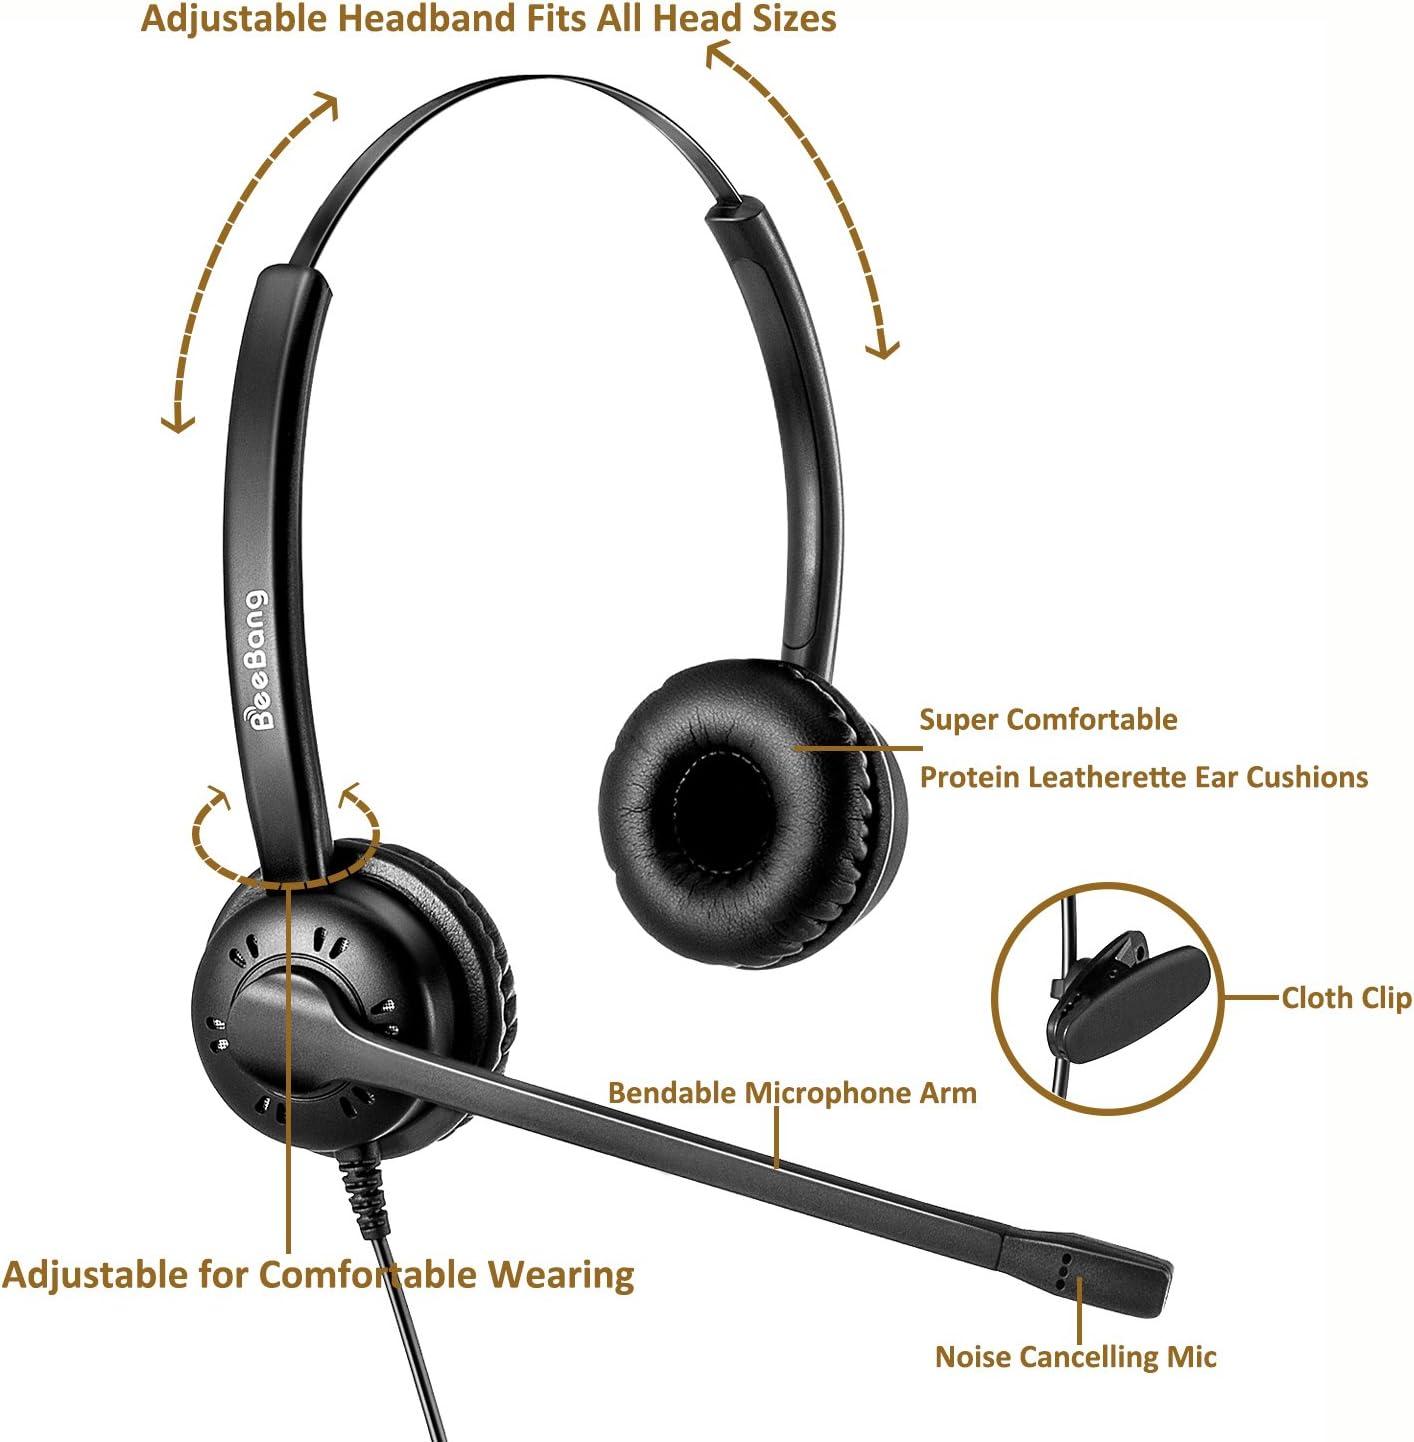 Beebang Casque T/él/éphone Fixe Dual RJ9 Oreillette de Centre dappel avec Microphone Anti-Bruit pour Avaya Plantronics Polycom Siemens Snom Toshiba Mitel NEC Nortel Alcatel